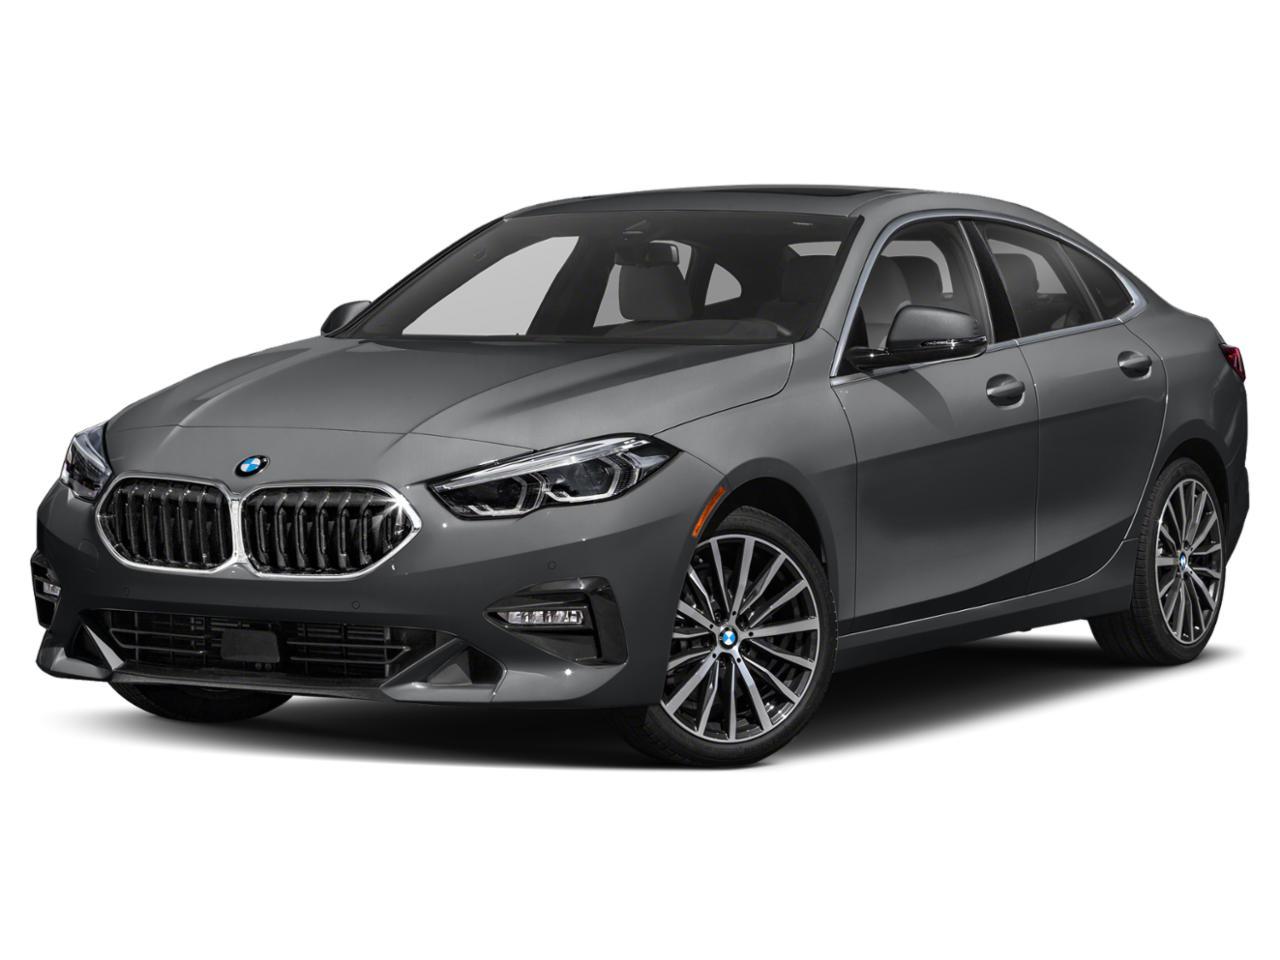 2021 BMW 228i xDrive Vehicle Photo in Pleasanton, CA 94588